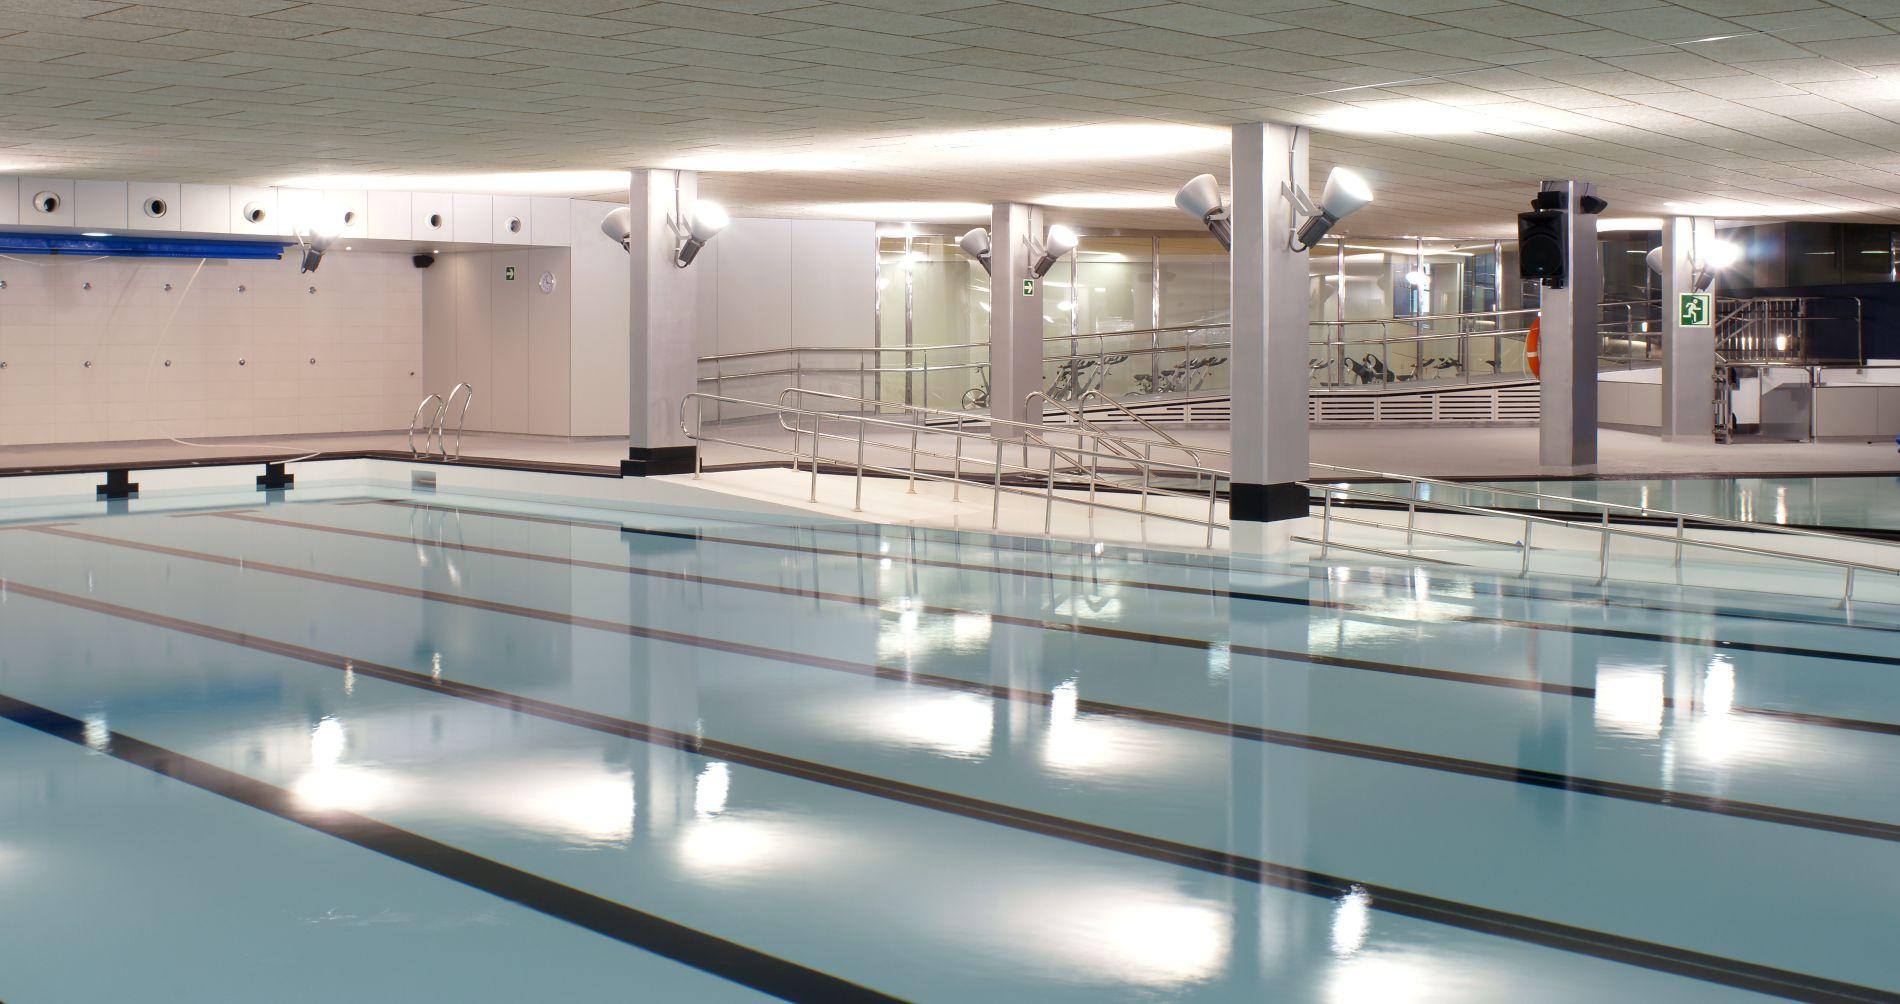 Fiark - Centro deportivo adaptado Hegalak 27